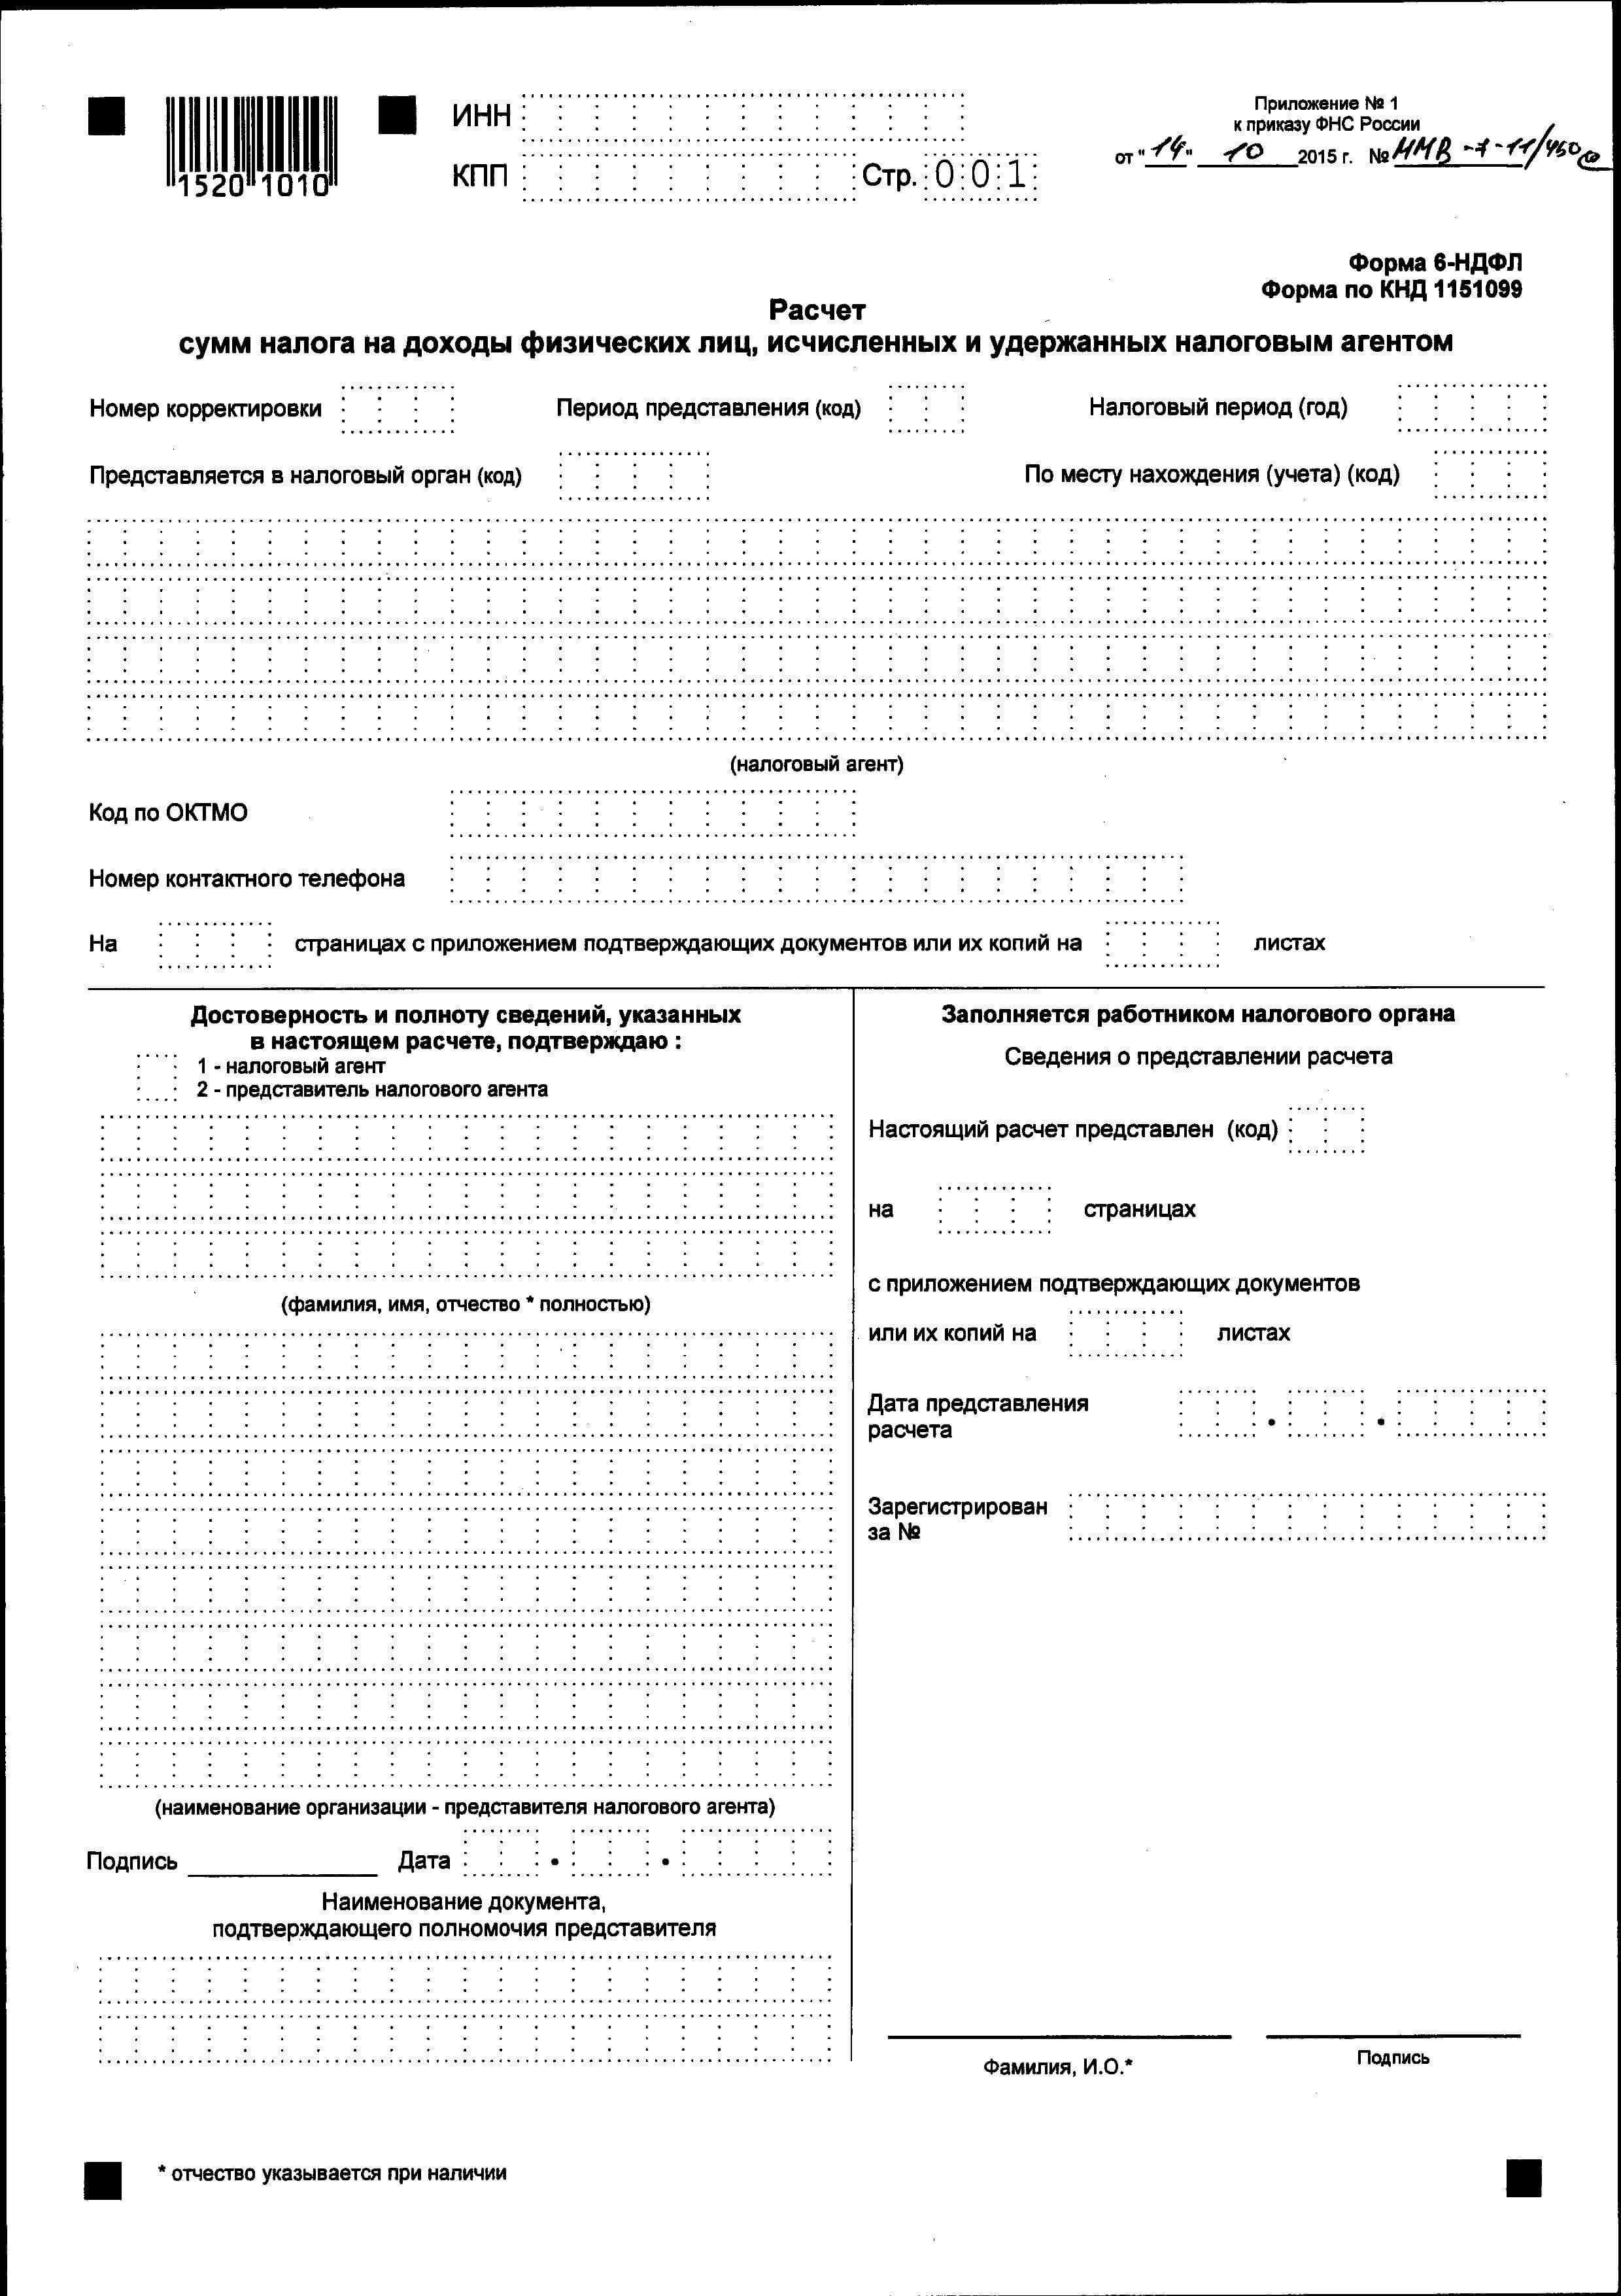 Ндфл с больничного листа в 2018 году сроки уплаты